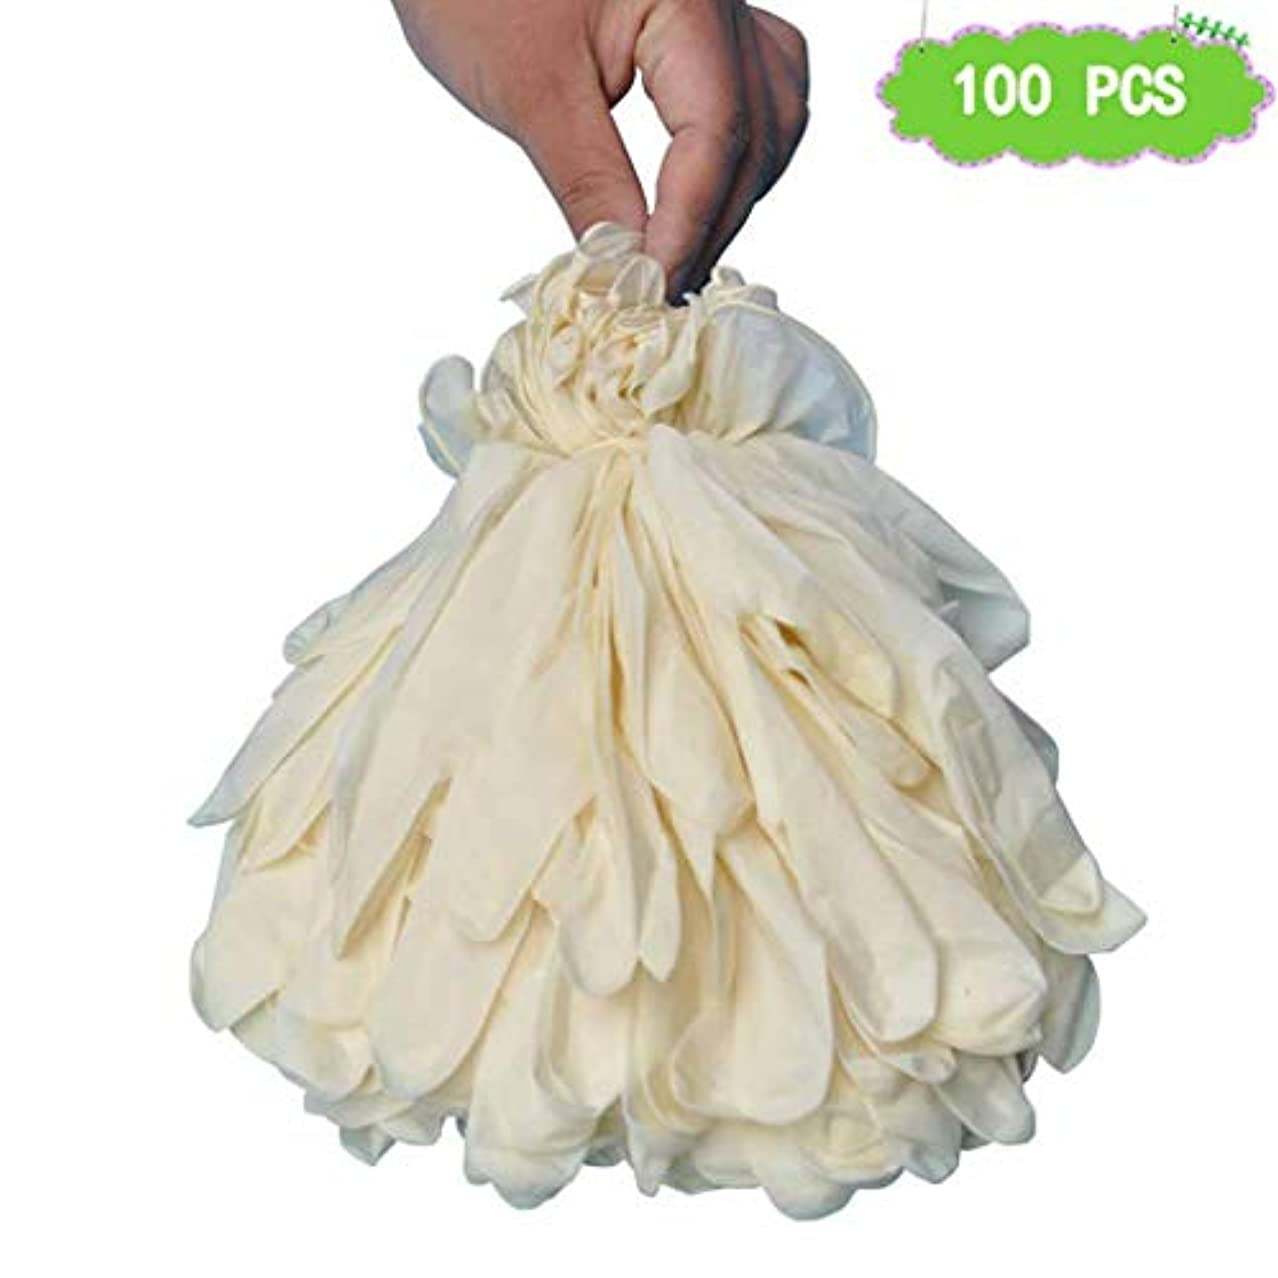 女の子タイヤ第二に白いラテックス手袋使い捨てゴム手袋食品使い捨て手袋ペットケアネイルアート検査保護実験、美容院ラテックスフリー、、 100個 (Size : M)